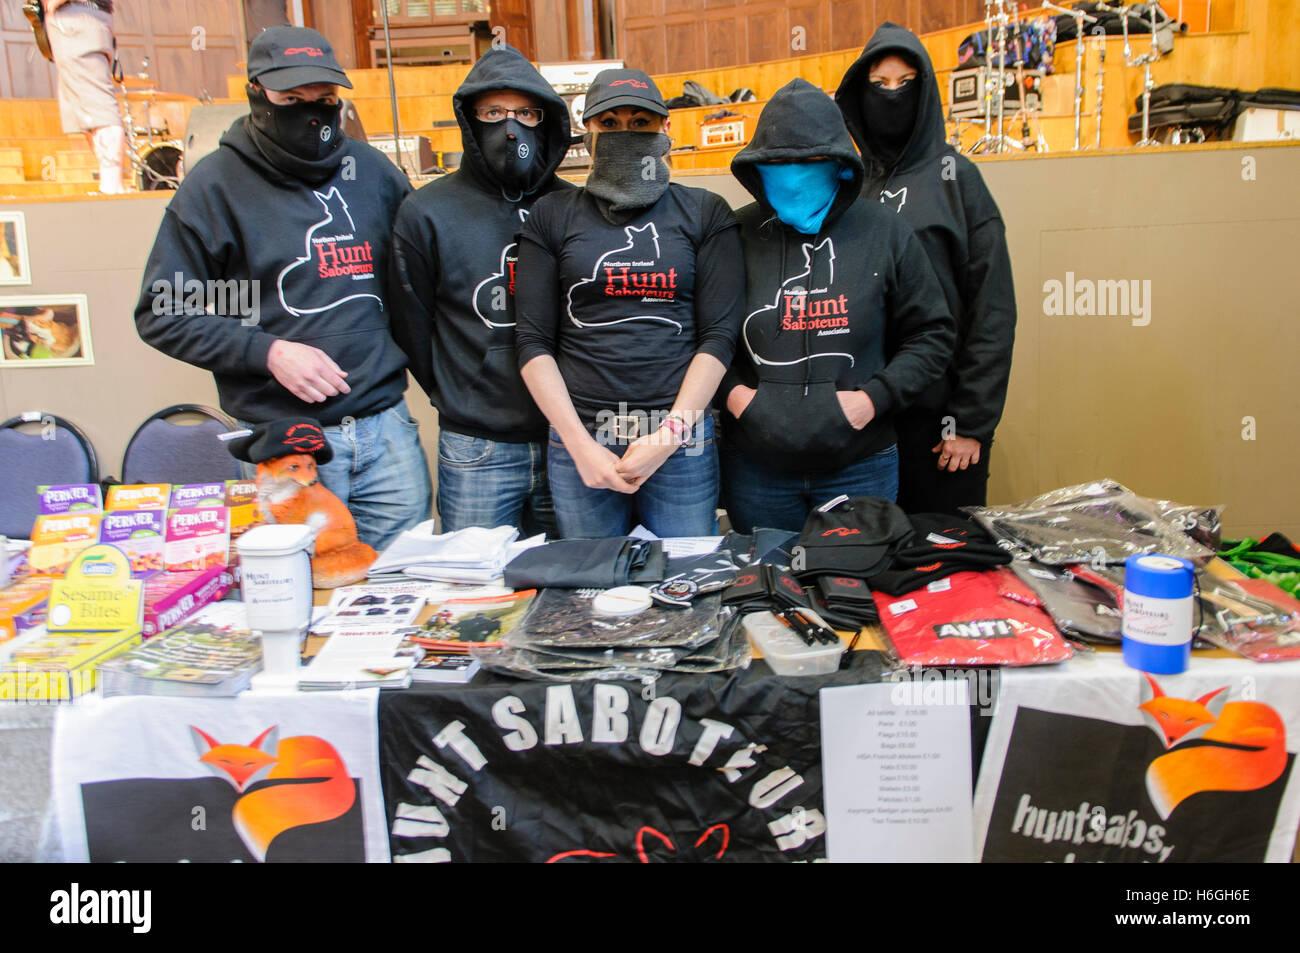 Nordirland Jagd Sabateurs Verkauf von Merchandise Mittel bei einer Vegan fair zu erhöhen. Stockbild